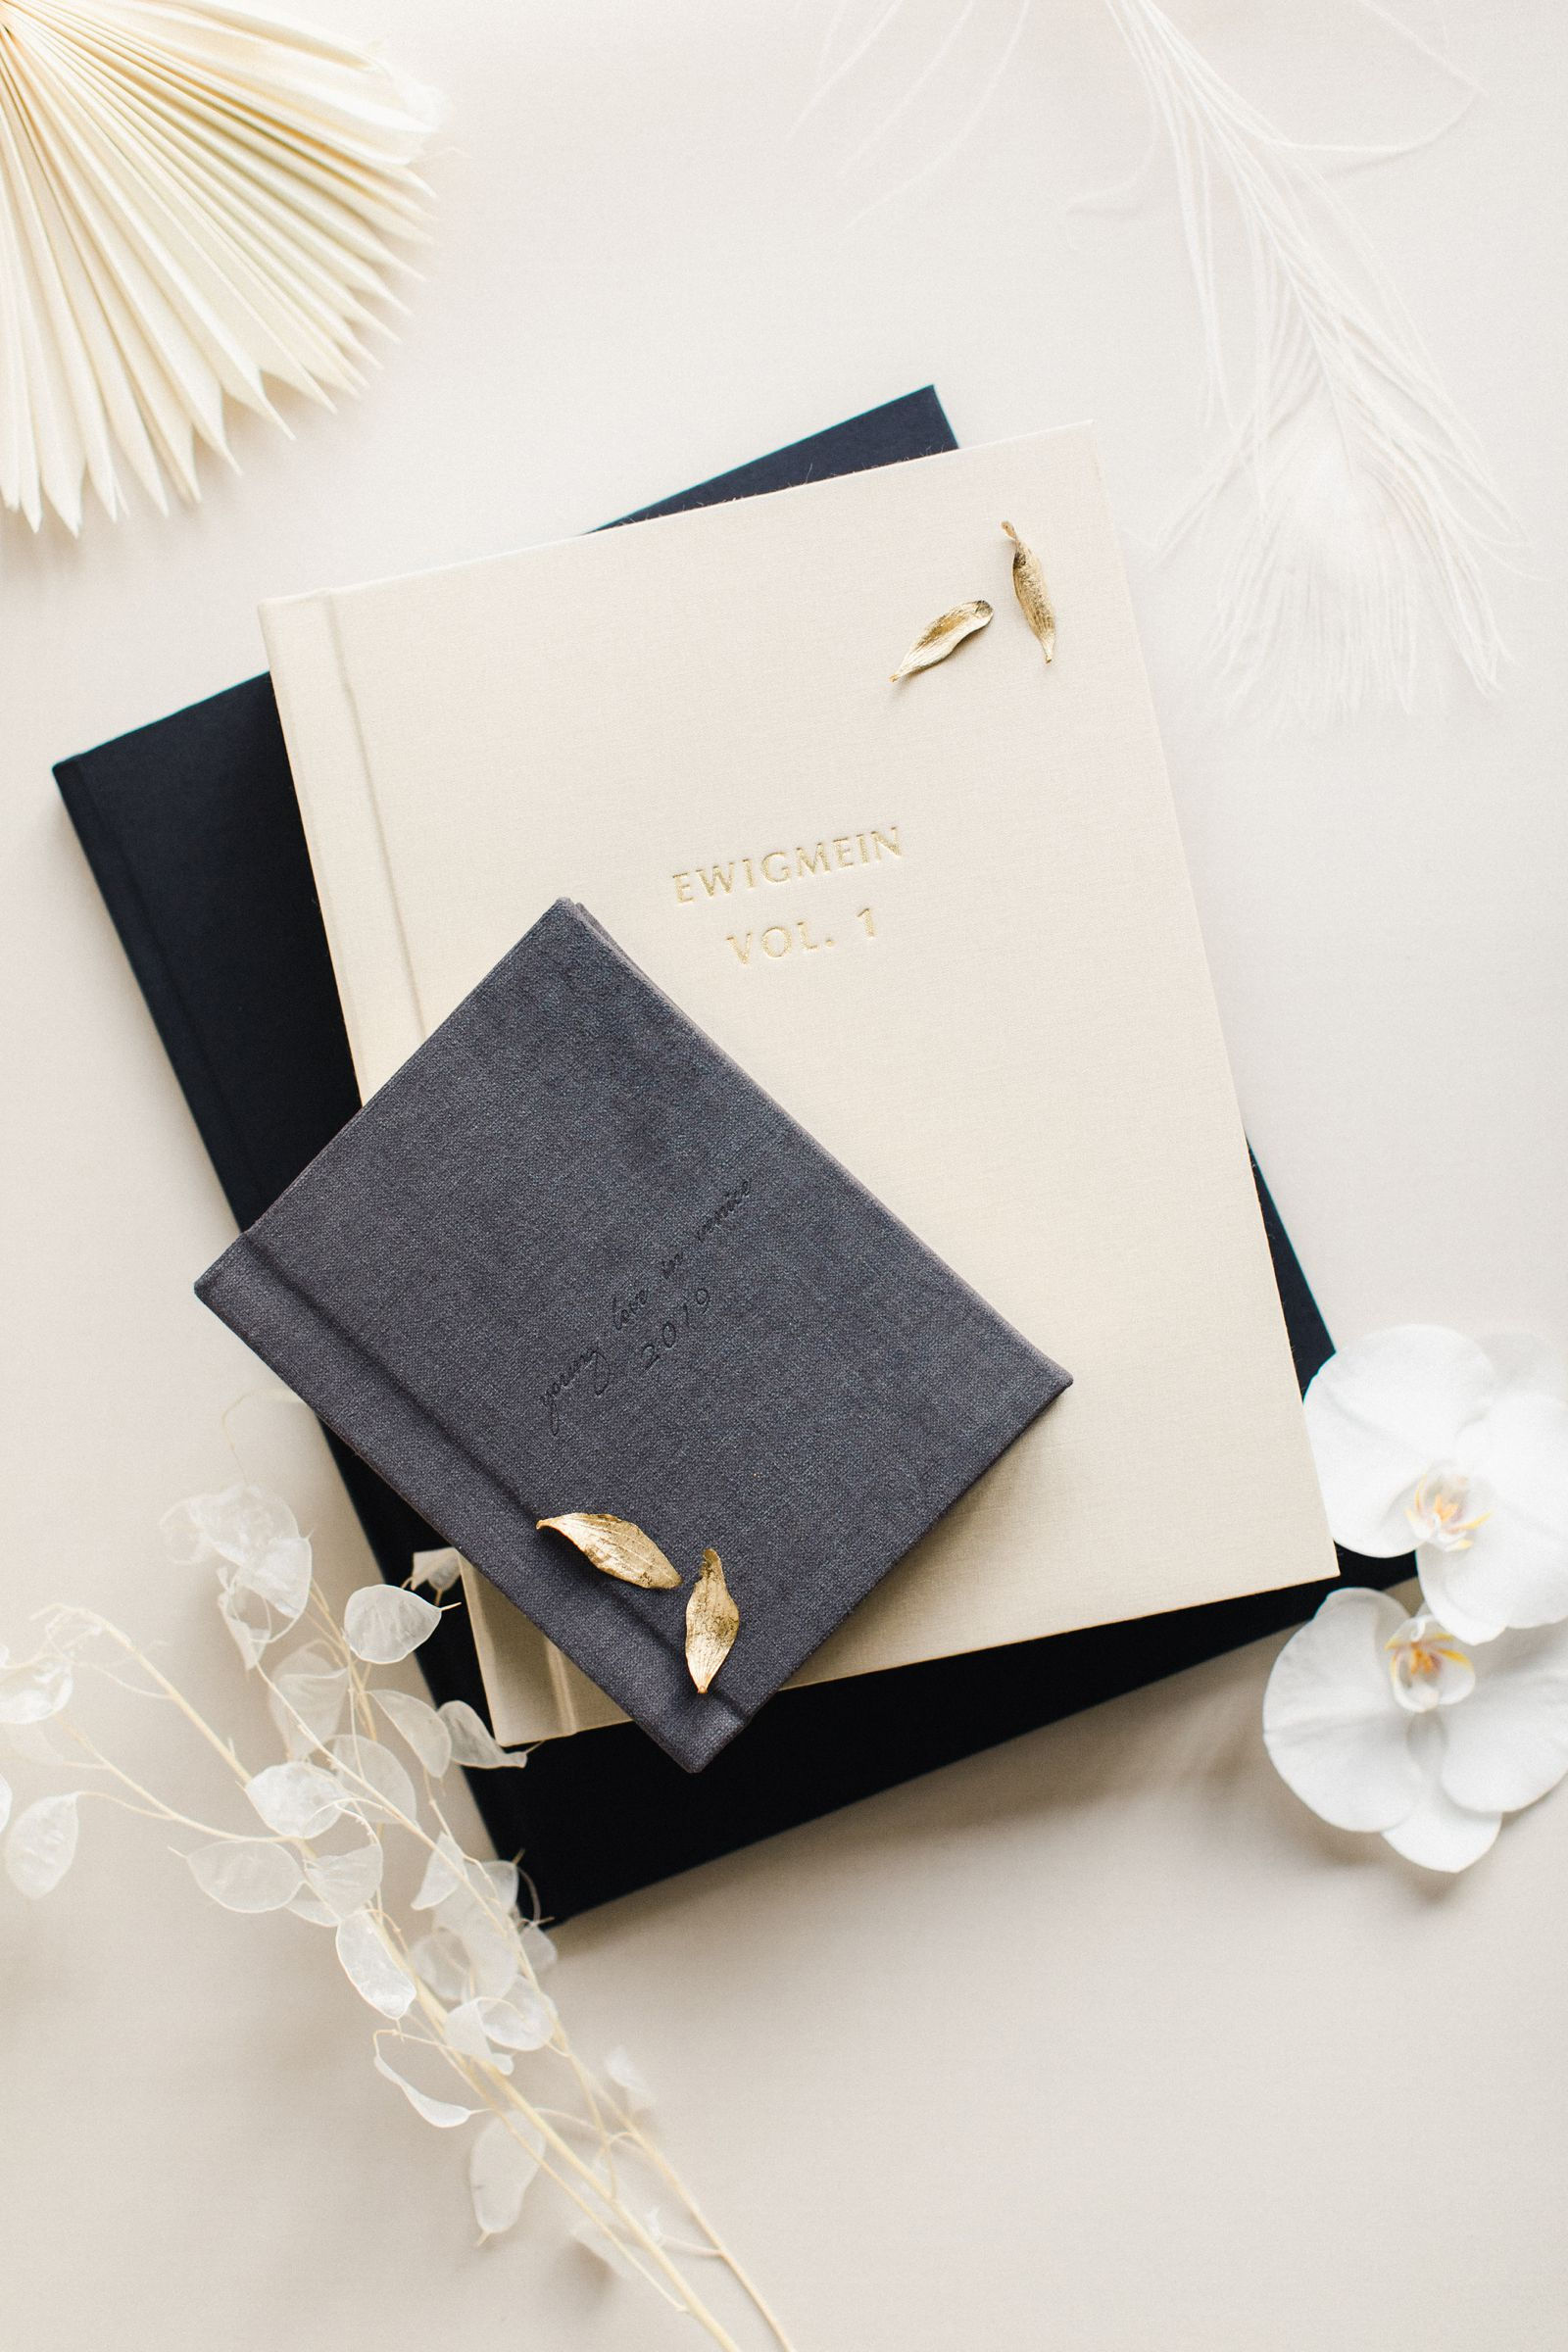 Ewigmein-Fine-Art-Hochzeitsfotografie-Hochzeitsalbum-edel-goldene-prägung-hochwertig-leinenstoff_5450